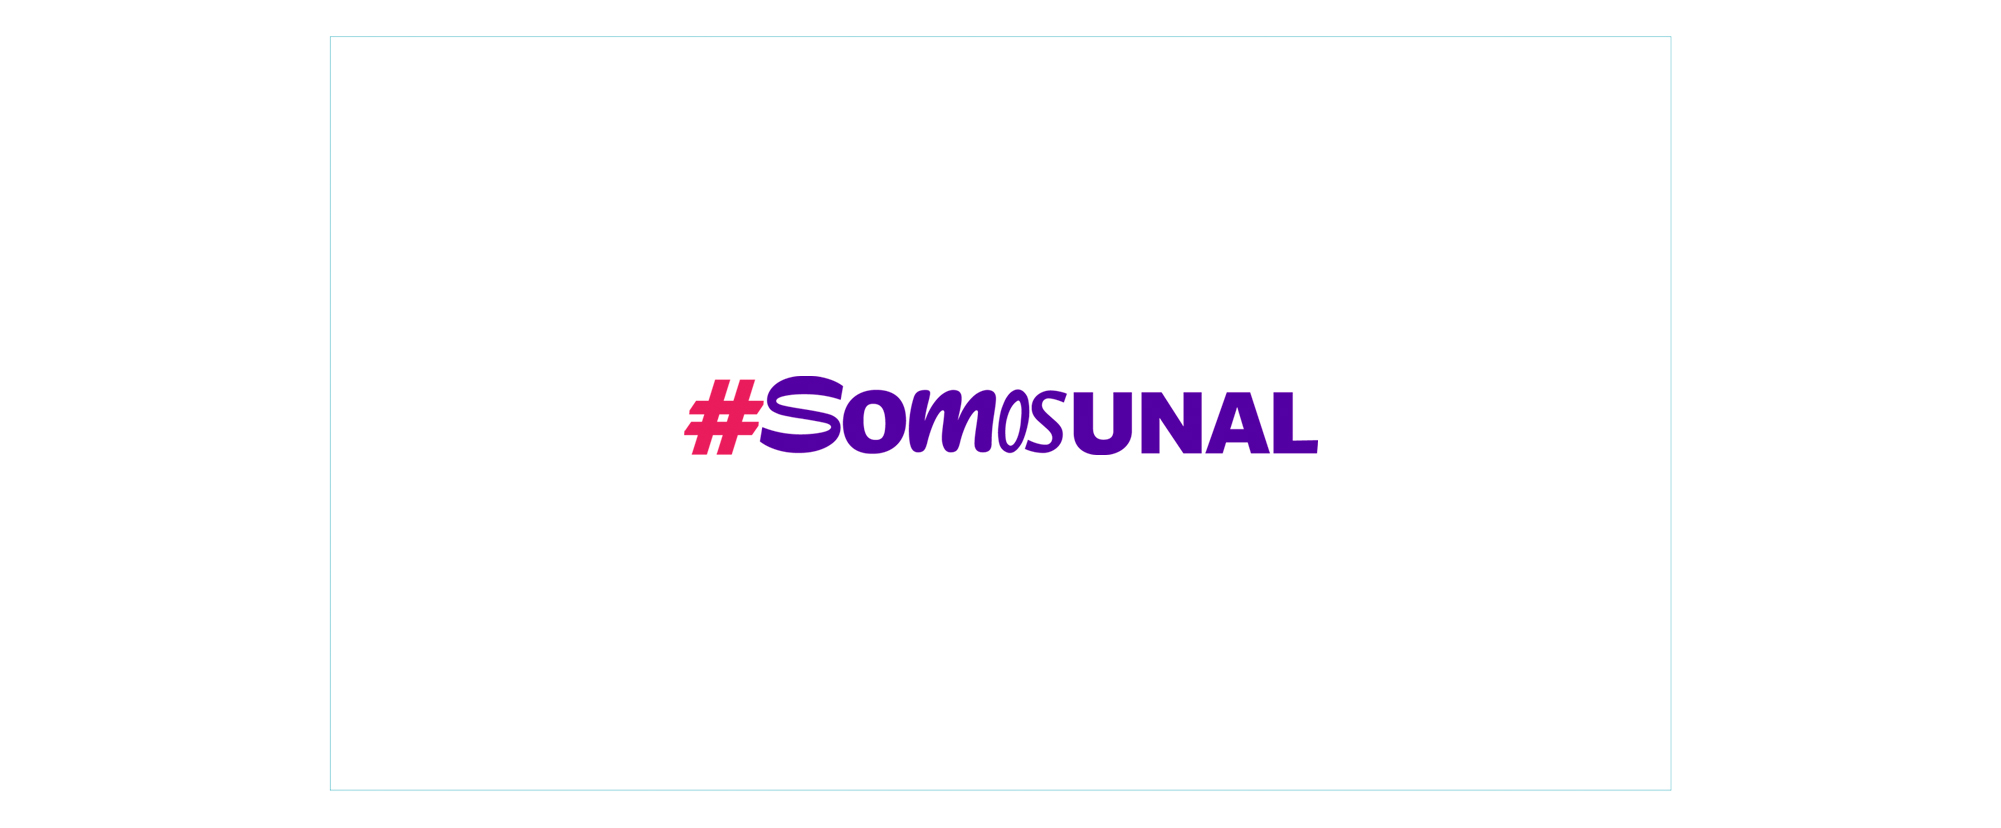 Campaña actual #SomosUNAL